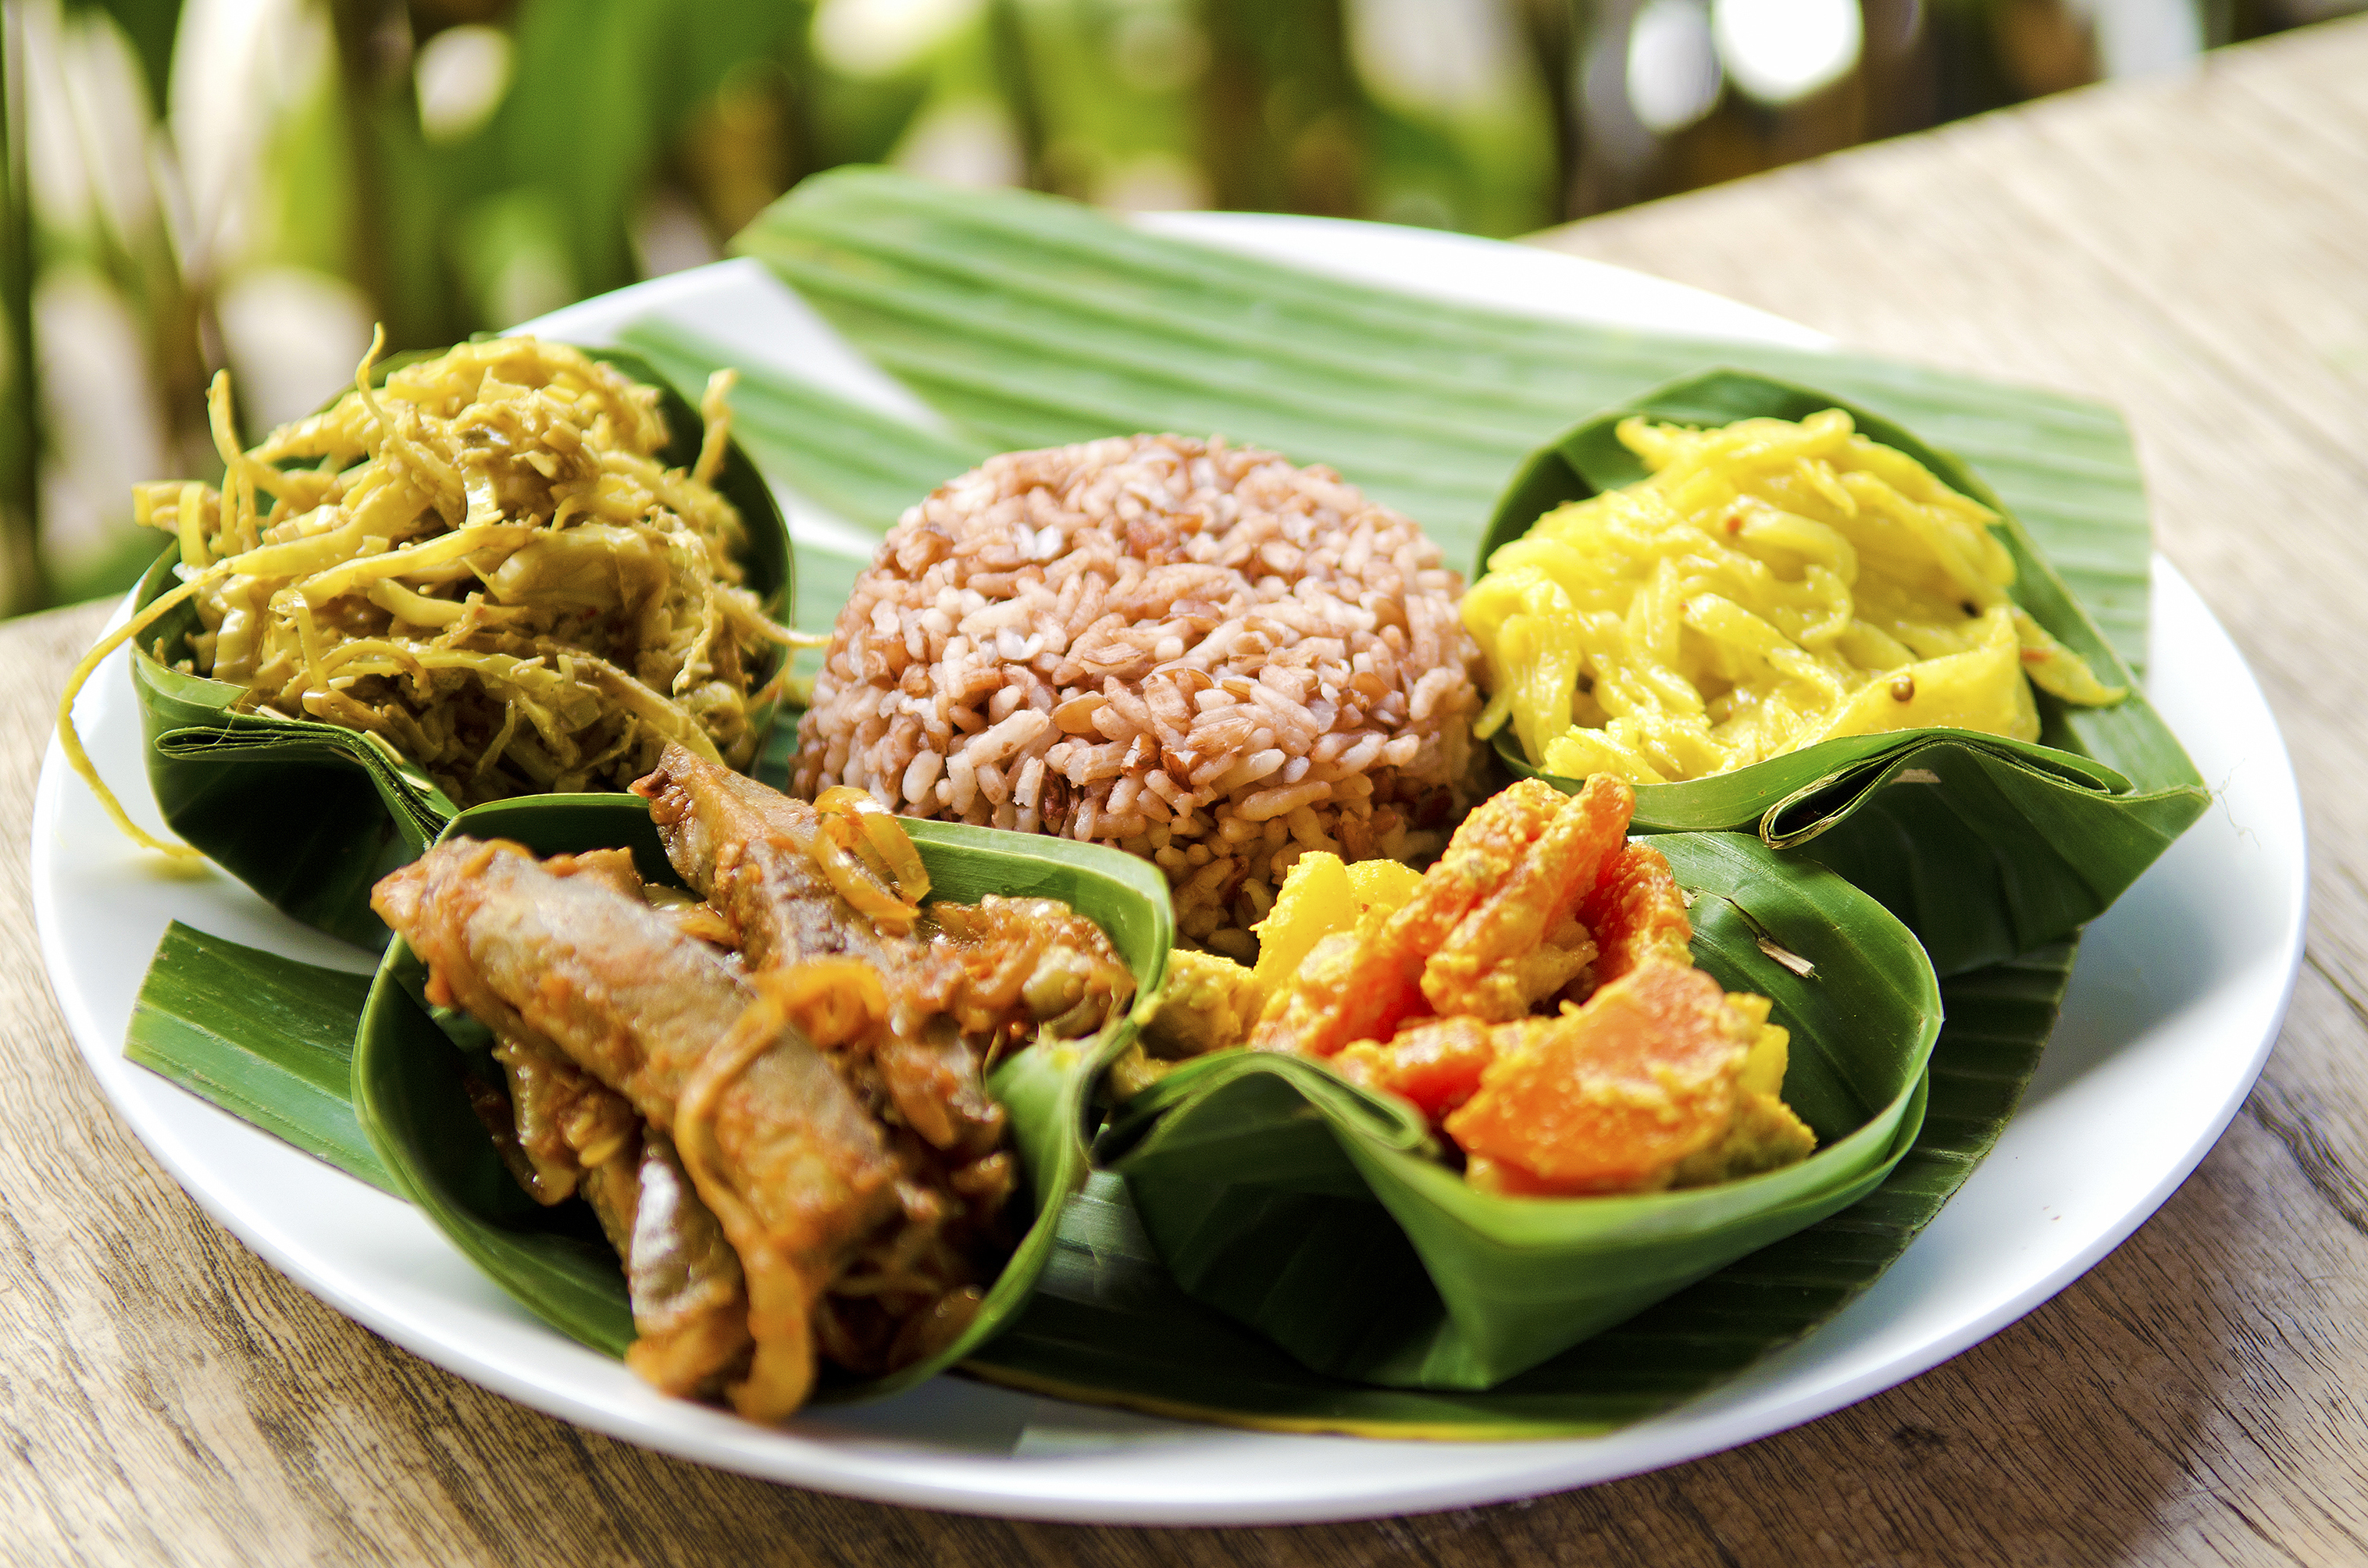 Indonesian cuisine